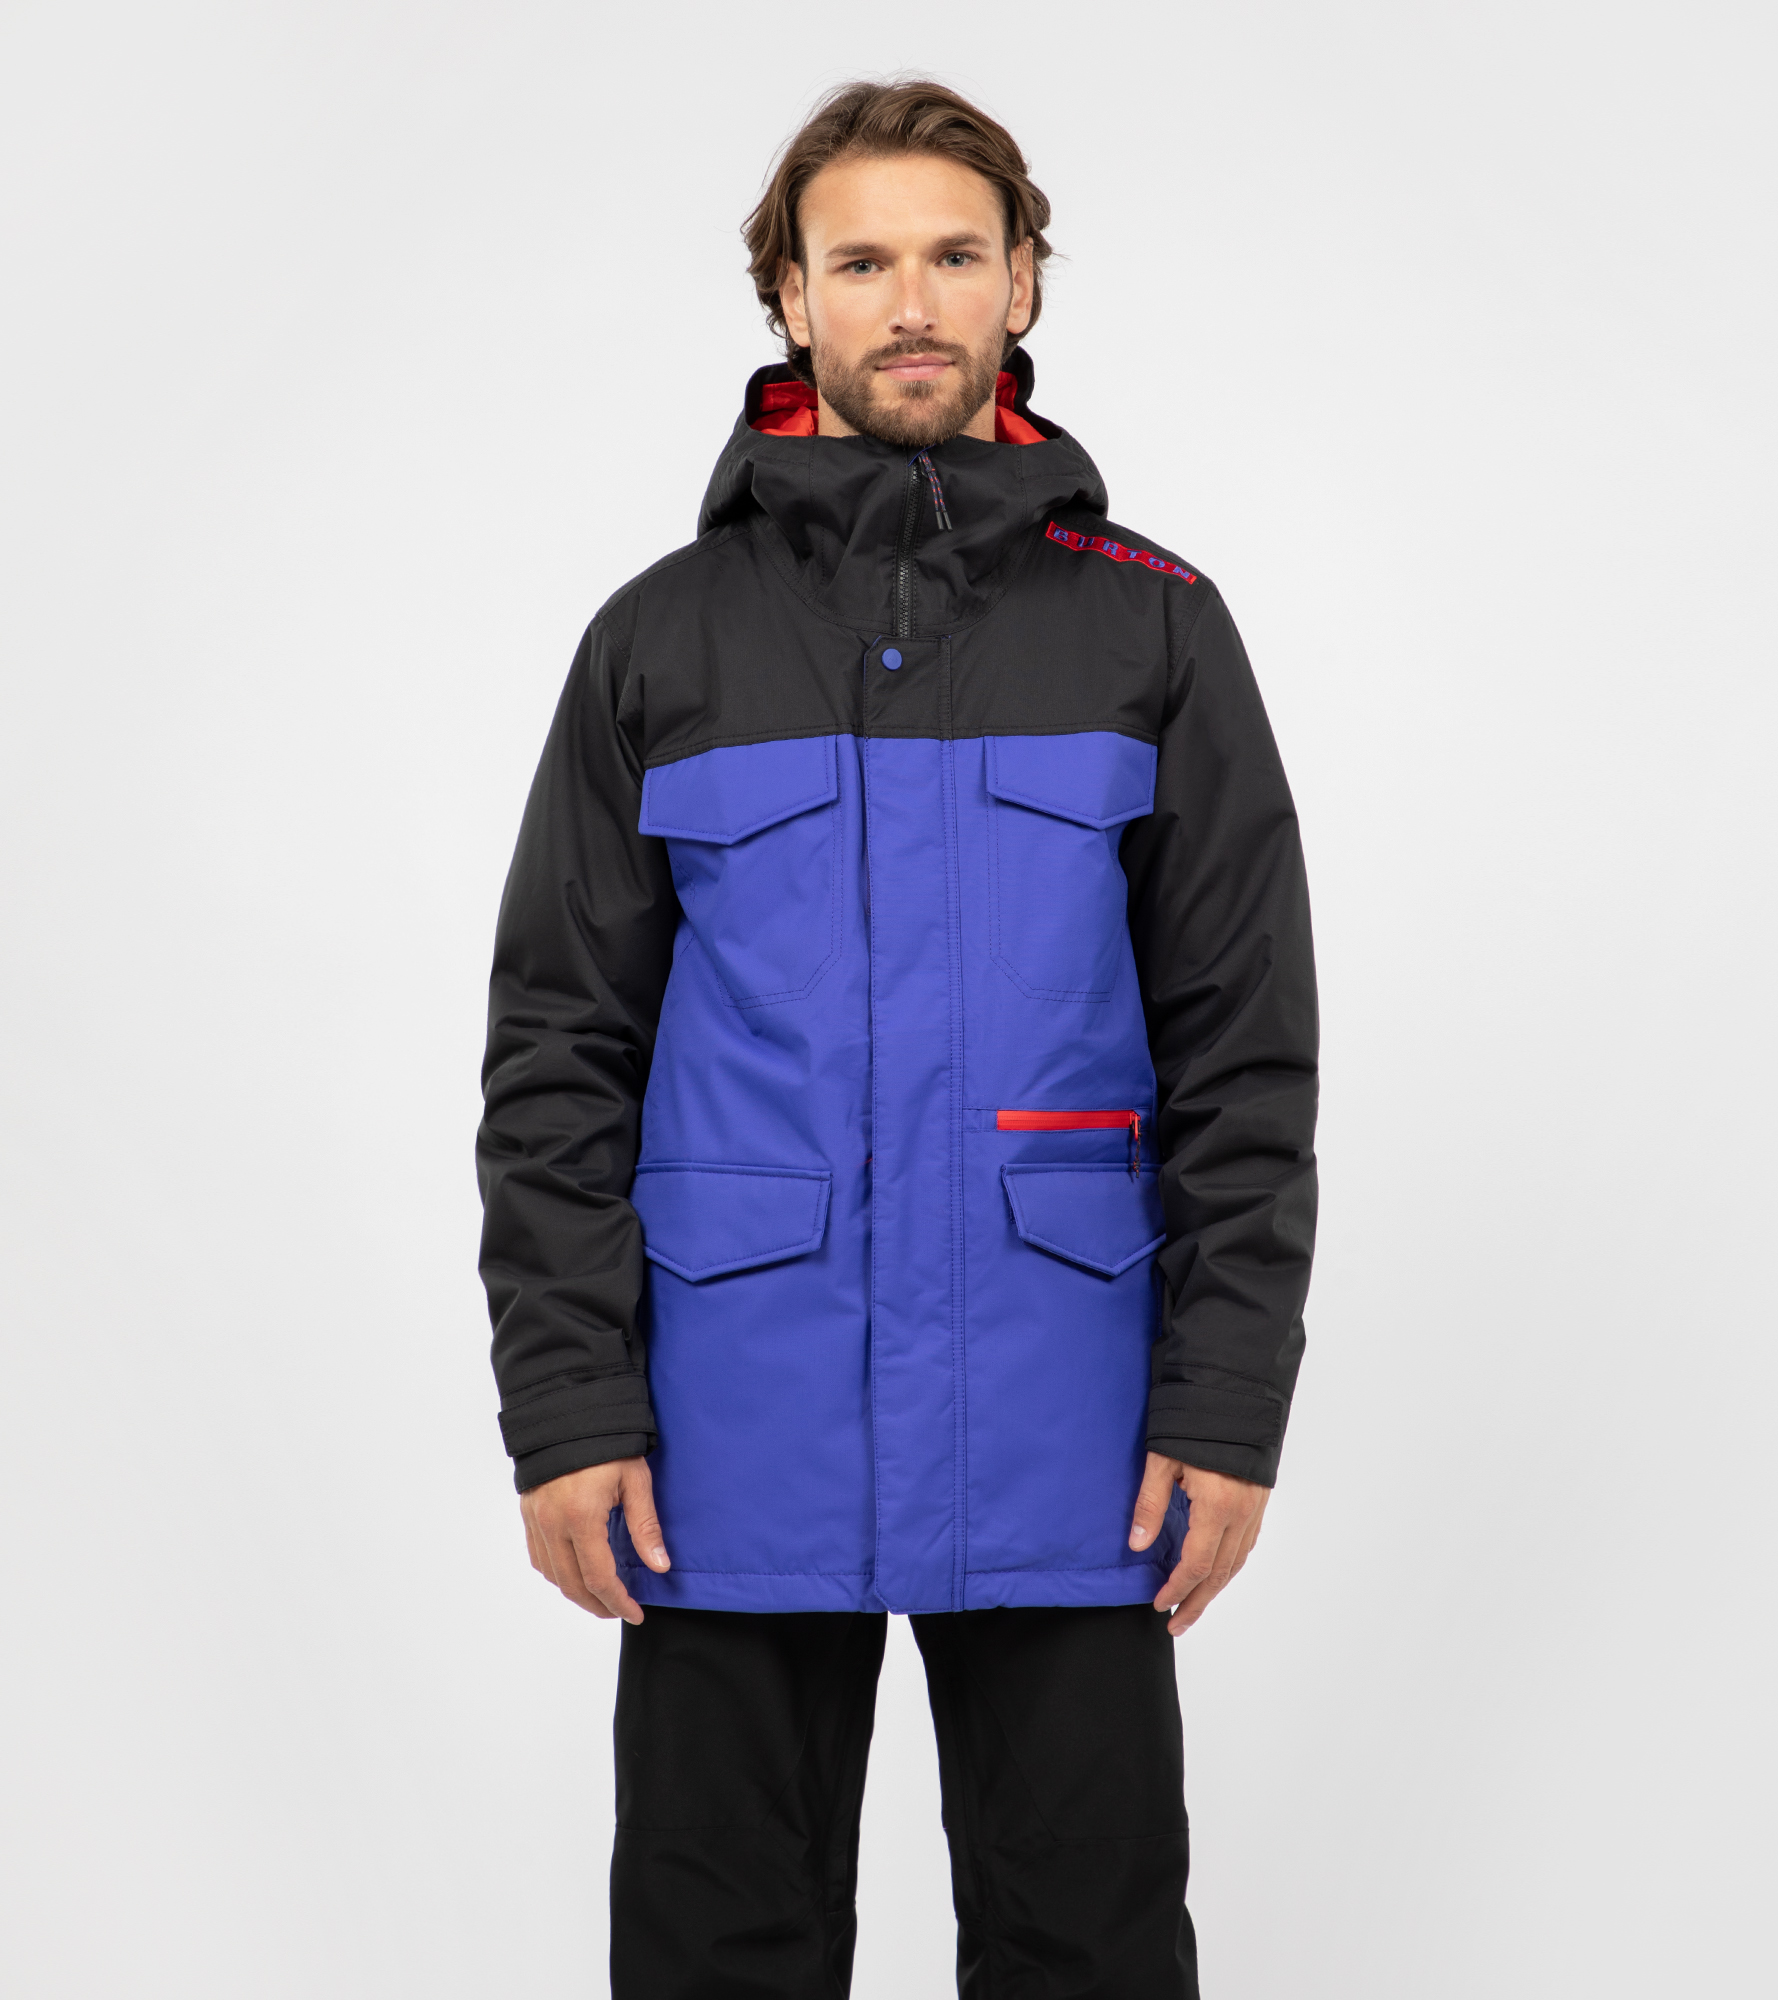 Burton Куртка утепленная мужская Burton Covert, размер 52-54 цена